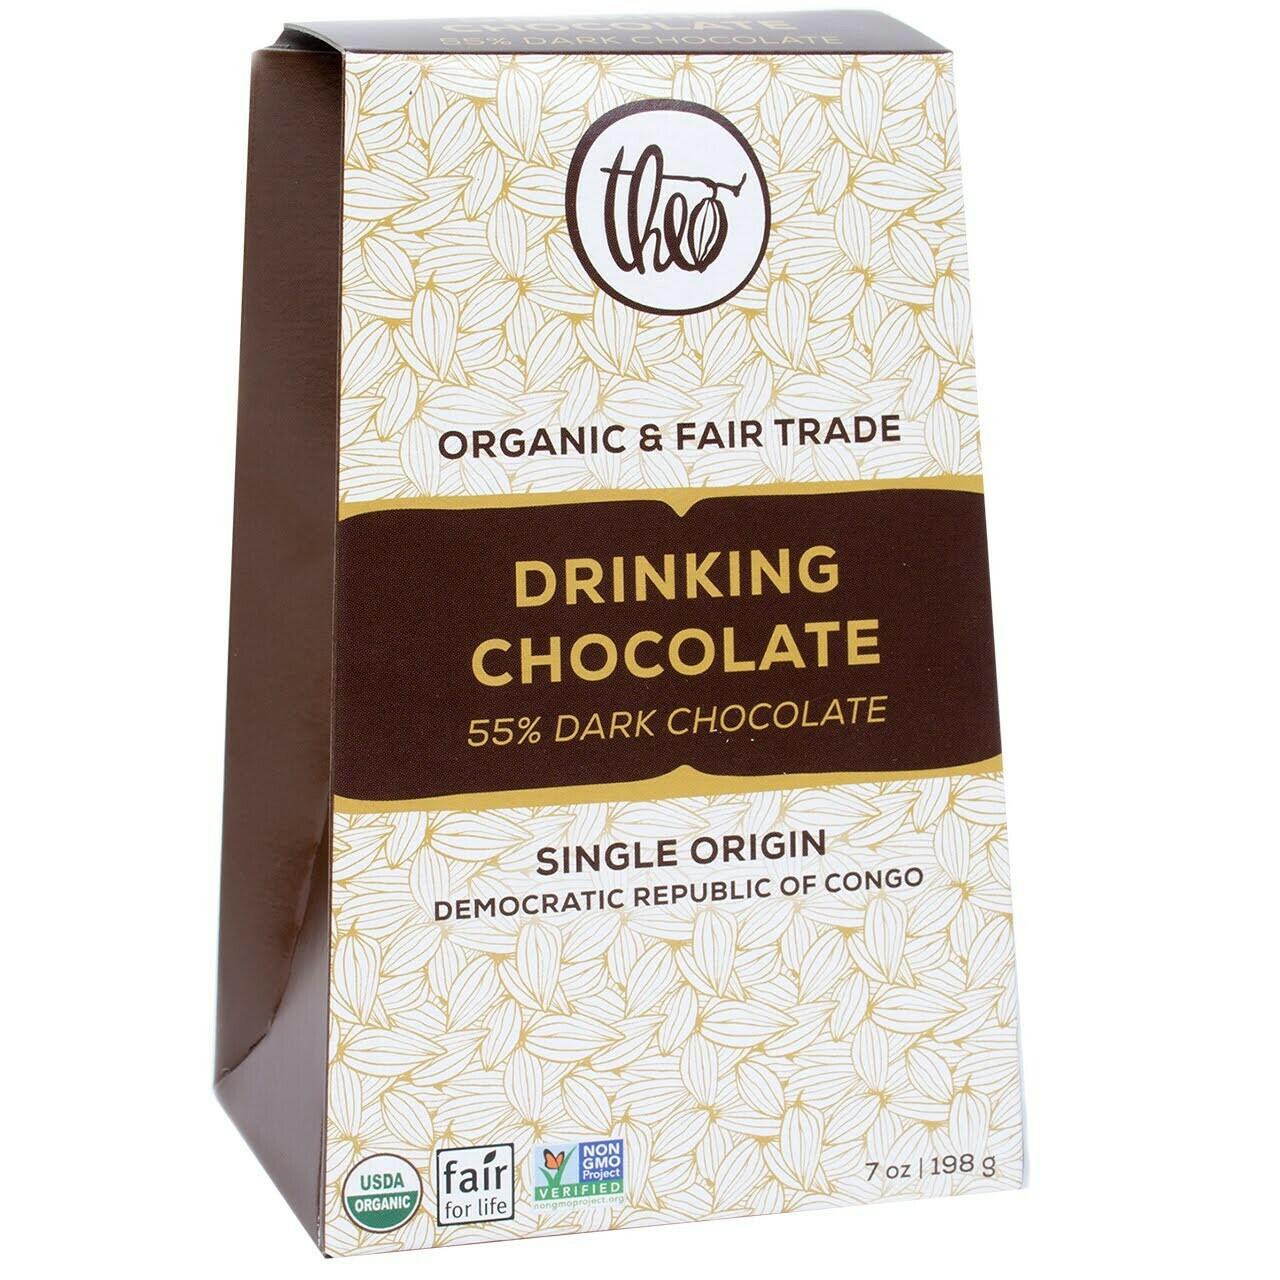 Theo Drinking Chocolate 55% Dark Chocolate